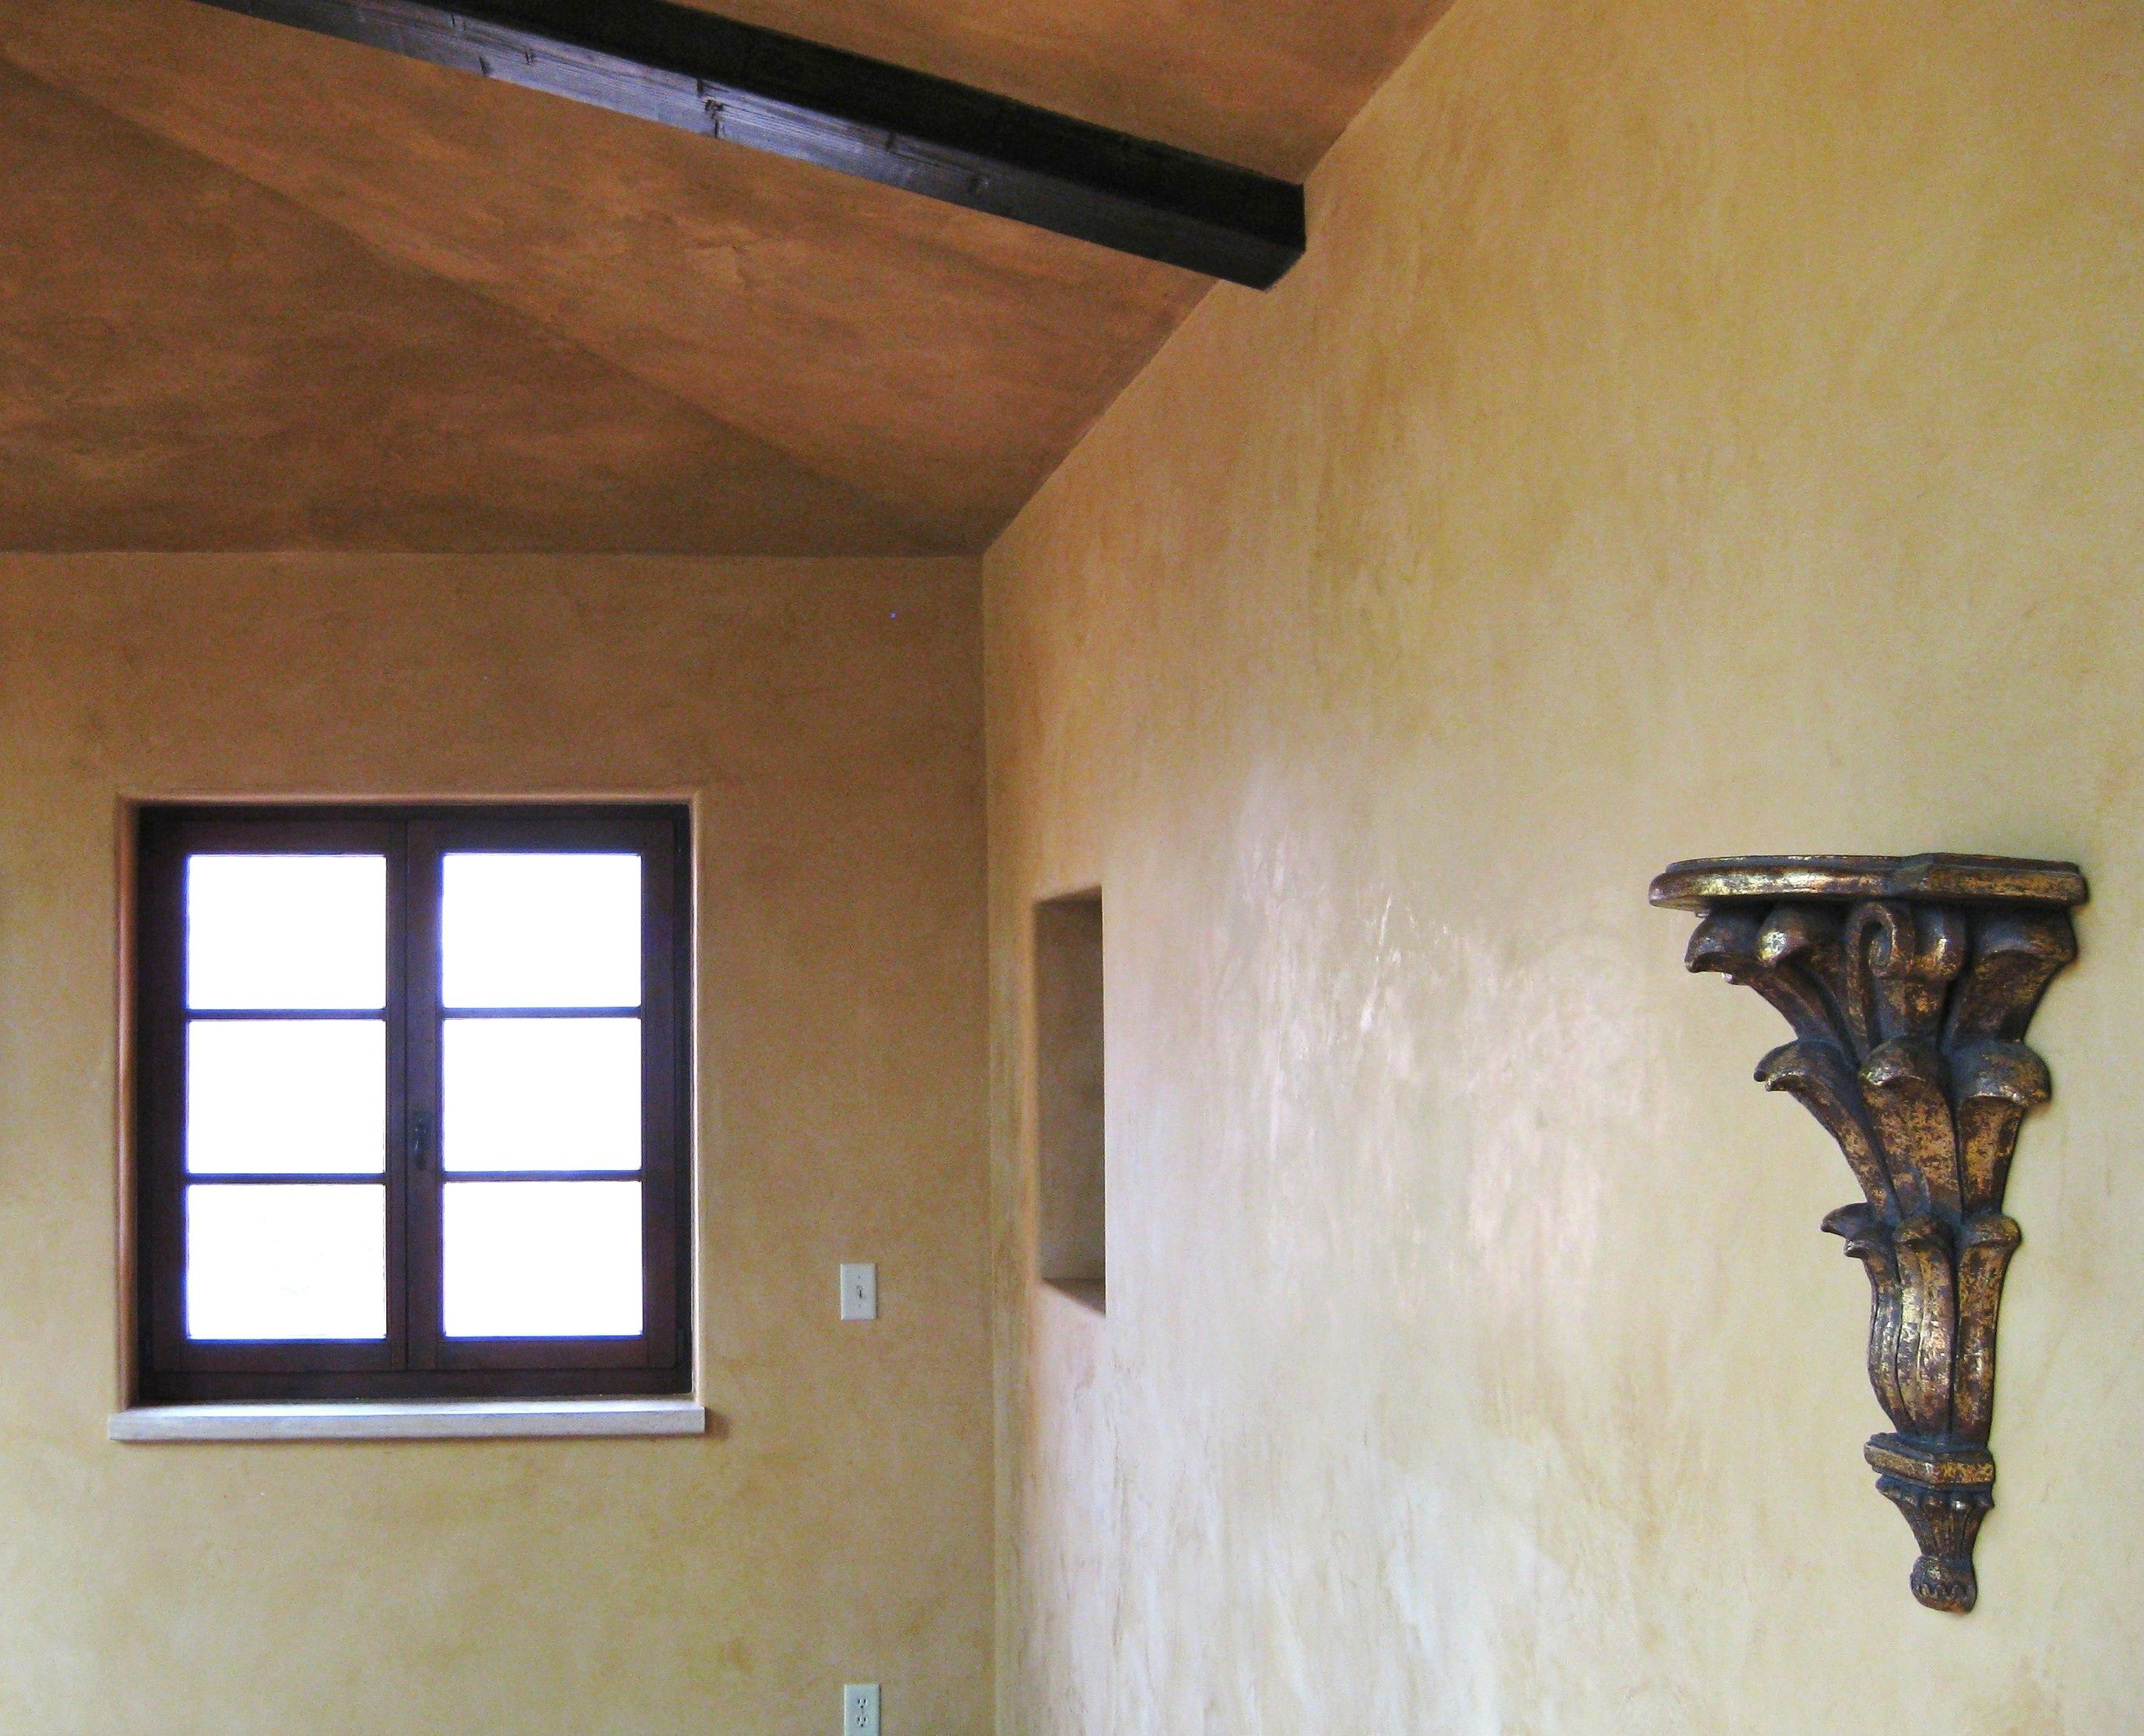 Unburnished Veneziano Plaster On Primed Drywall 2 Coats